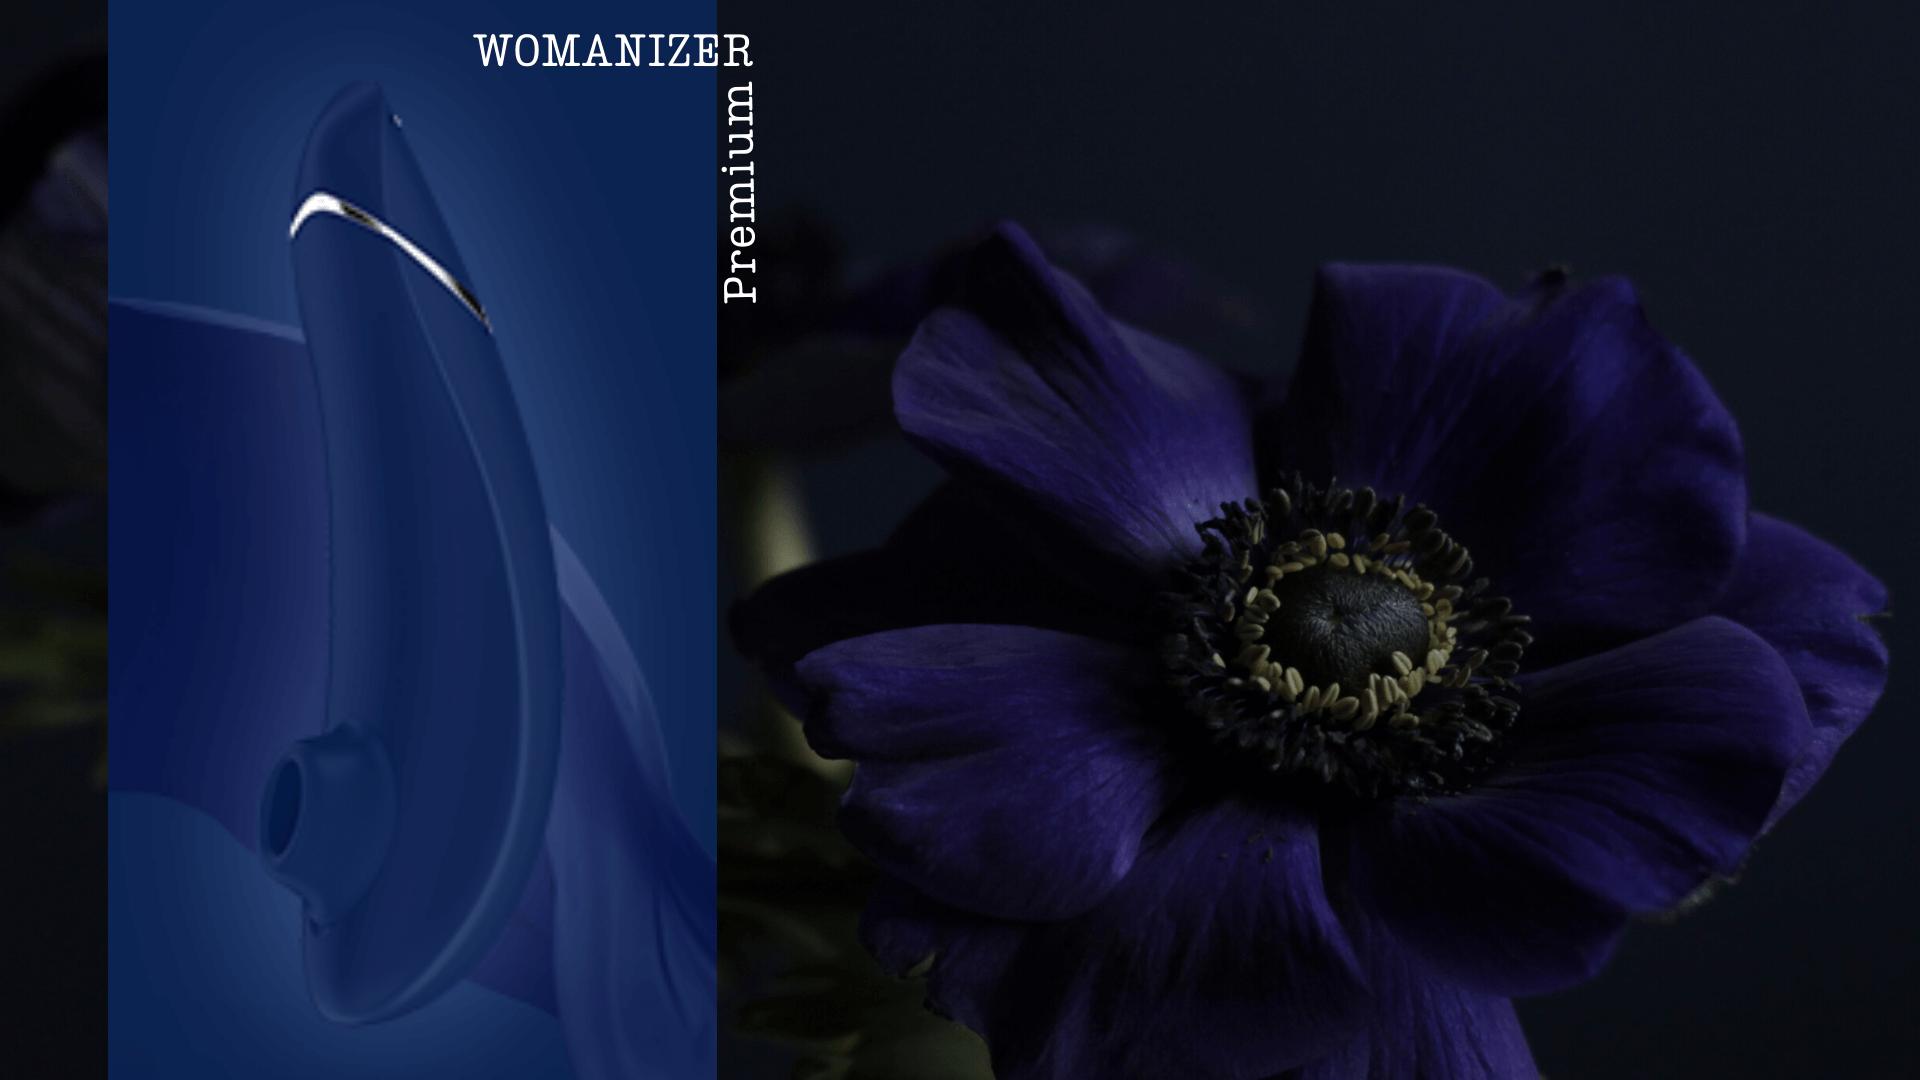 Womanizer Premium Klitorissauger (Produktfoto by Womanizer, Moodbild Florentine Winter für UNMANIERLICH)